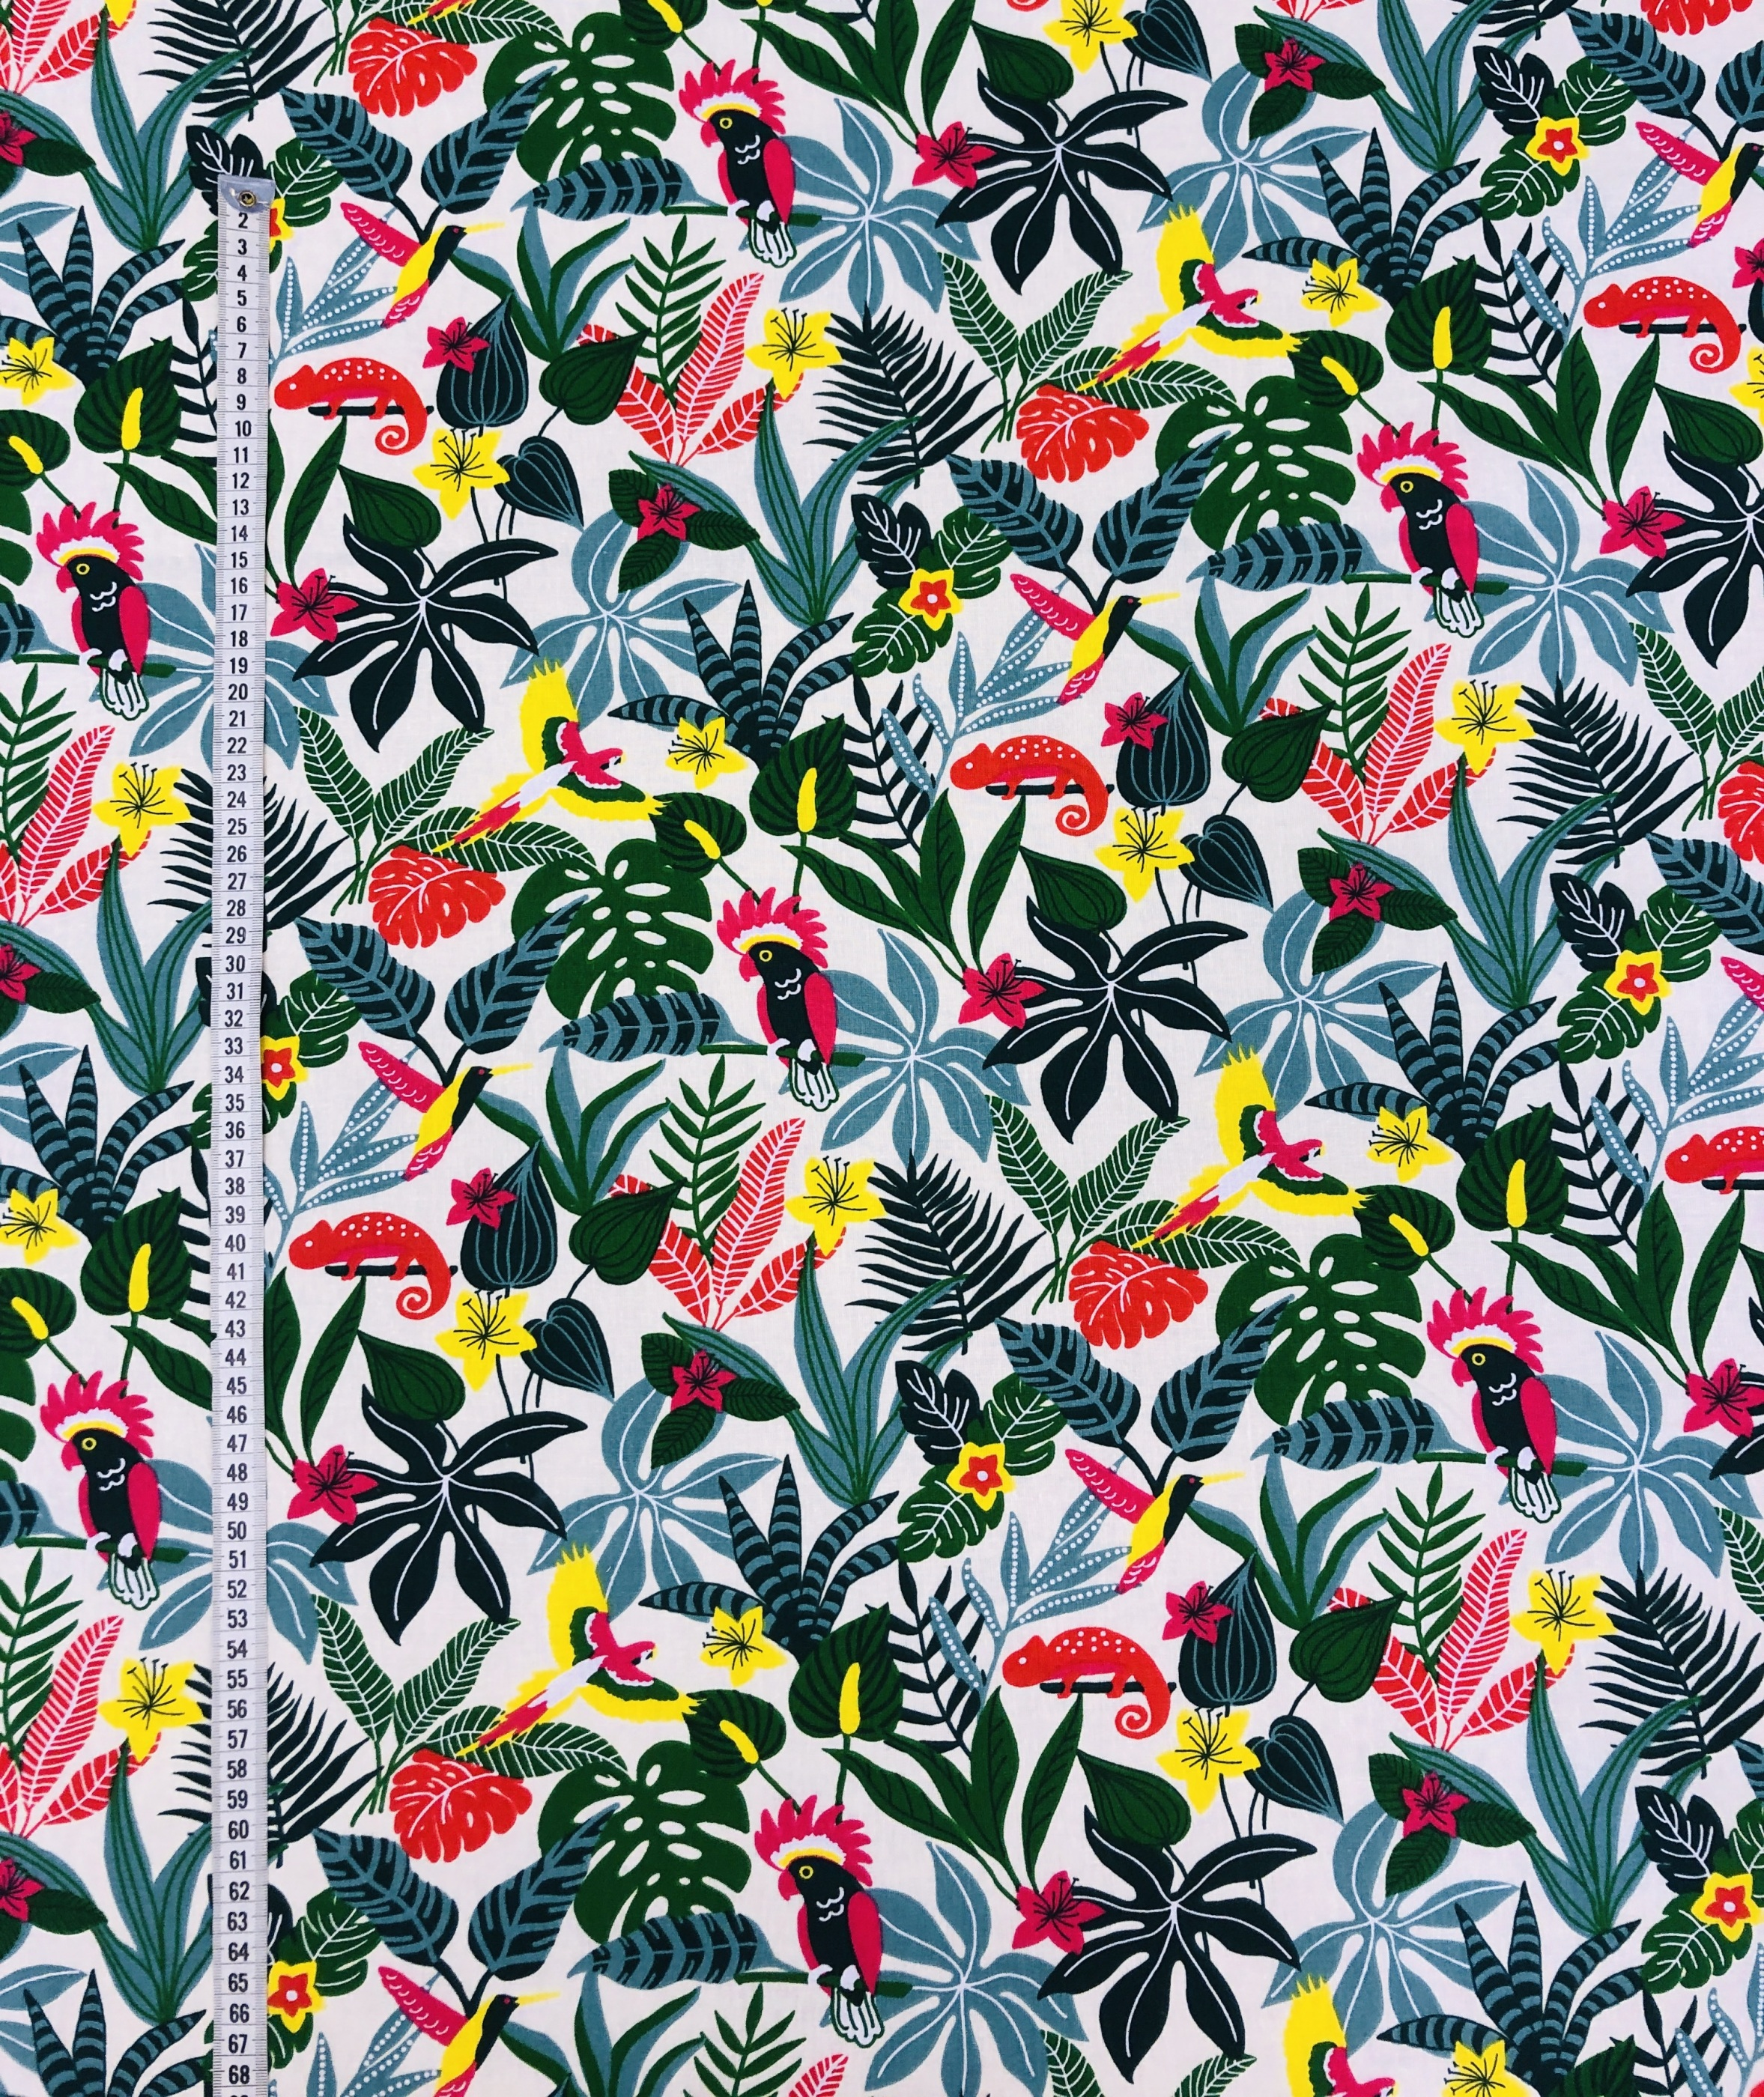 kameleont bomullstyg bomull djungel fågel blad rosa gul grön blå Tyglust Laholm metervara